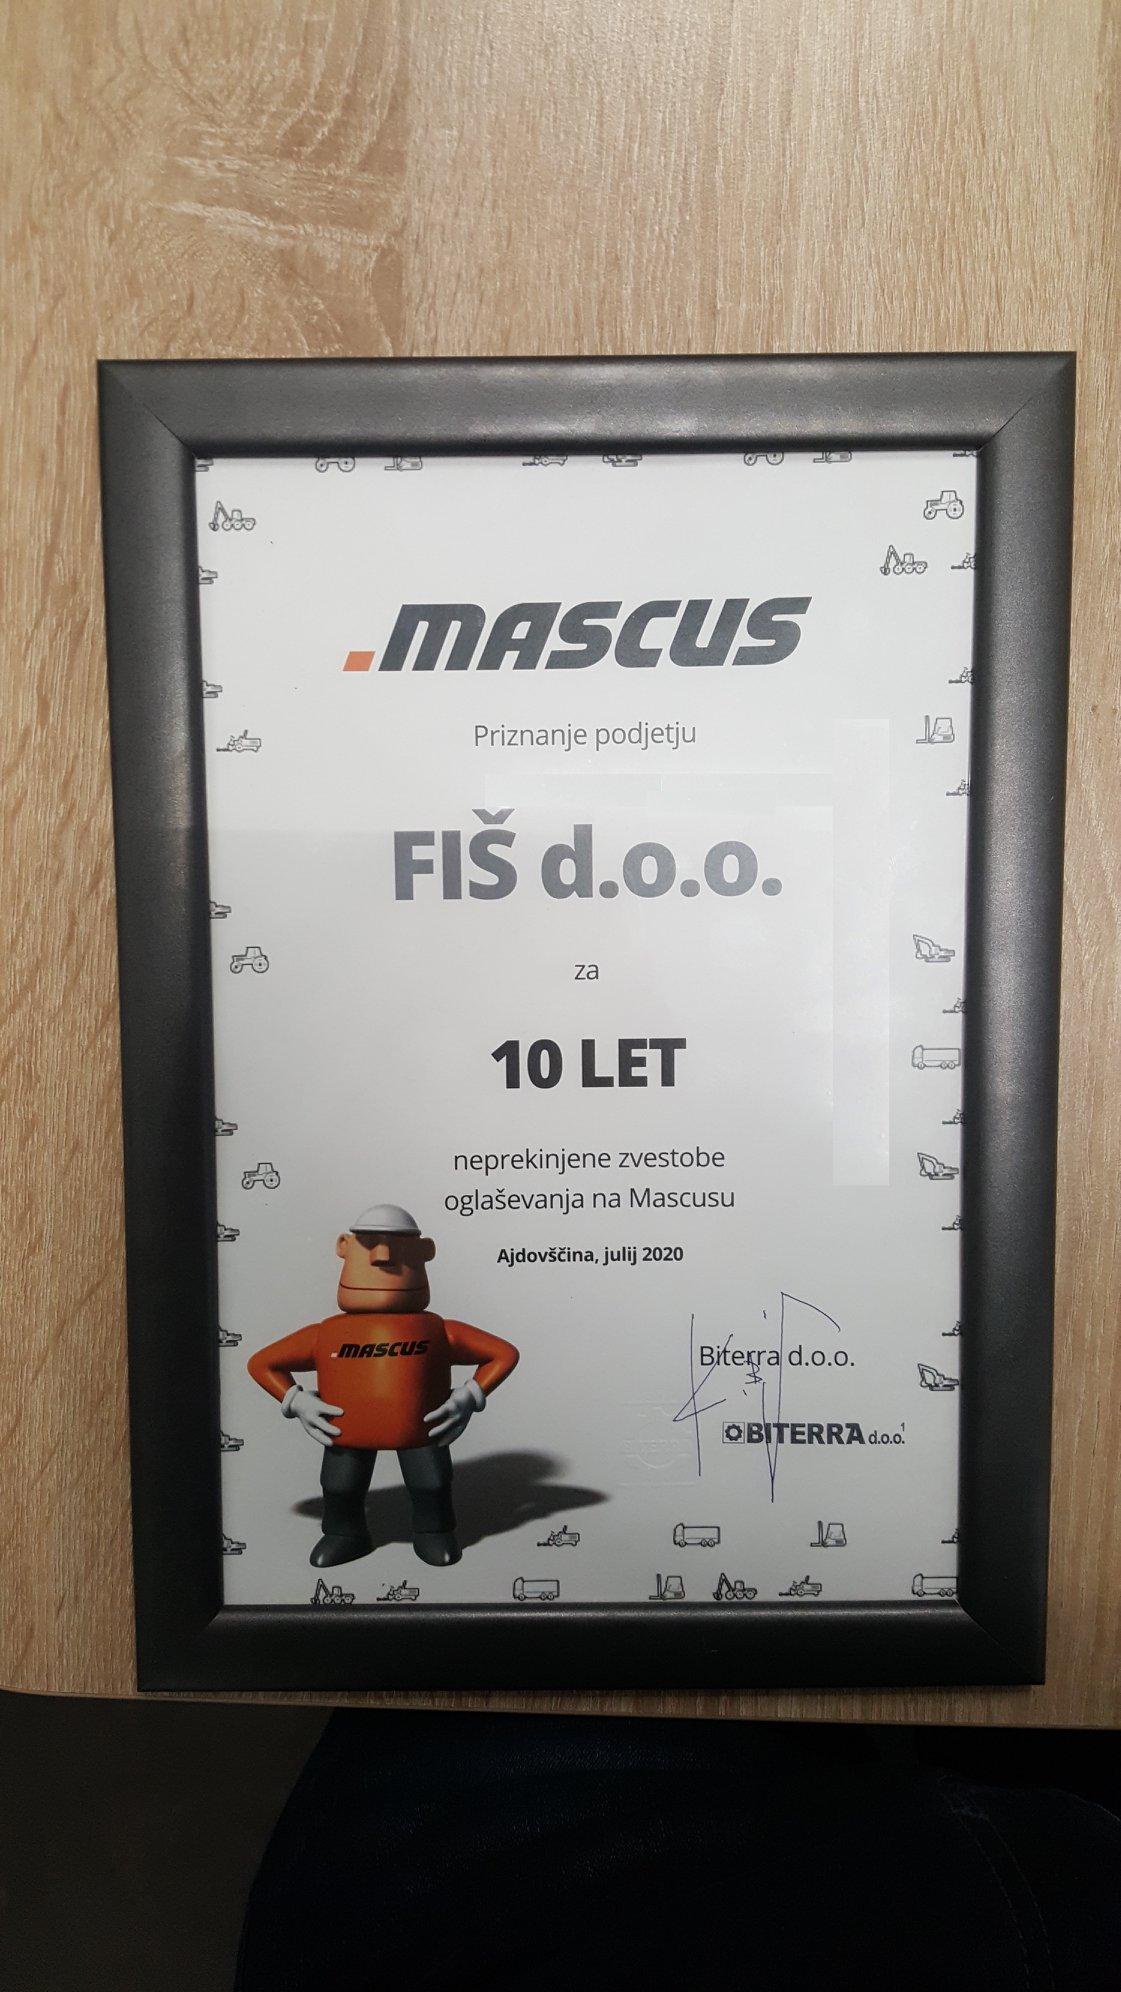 Mascus 10 let Fiš d.o.o. obletnica sodelovanja